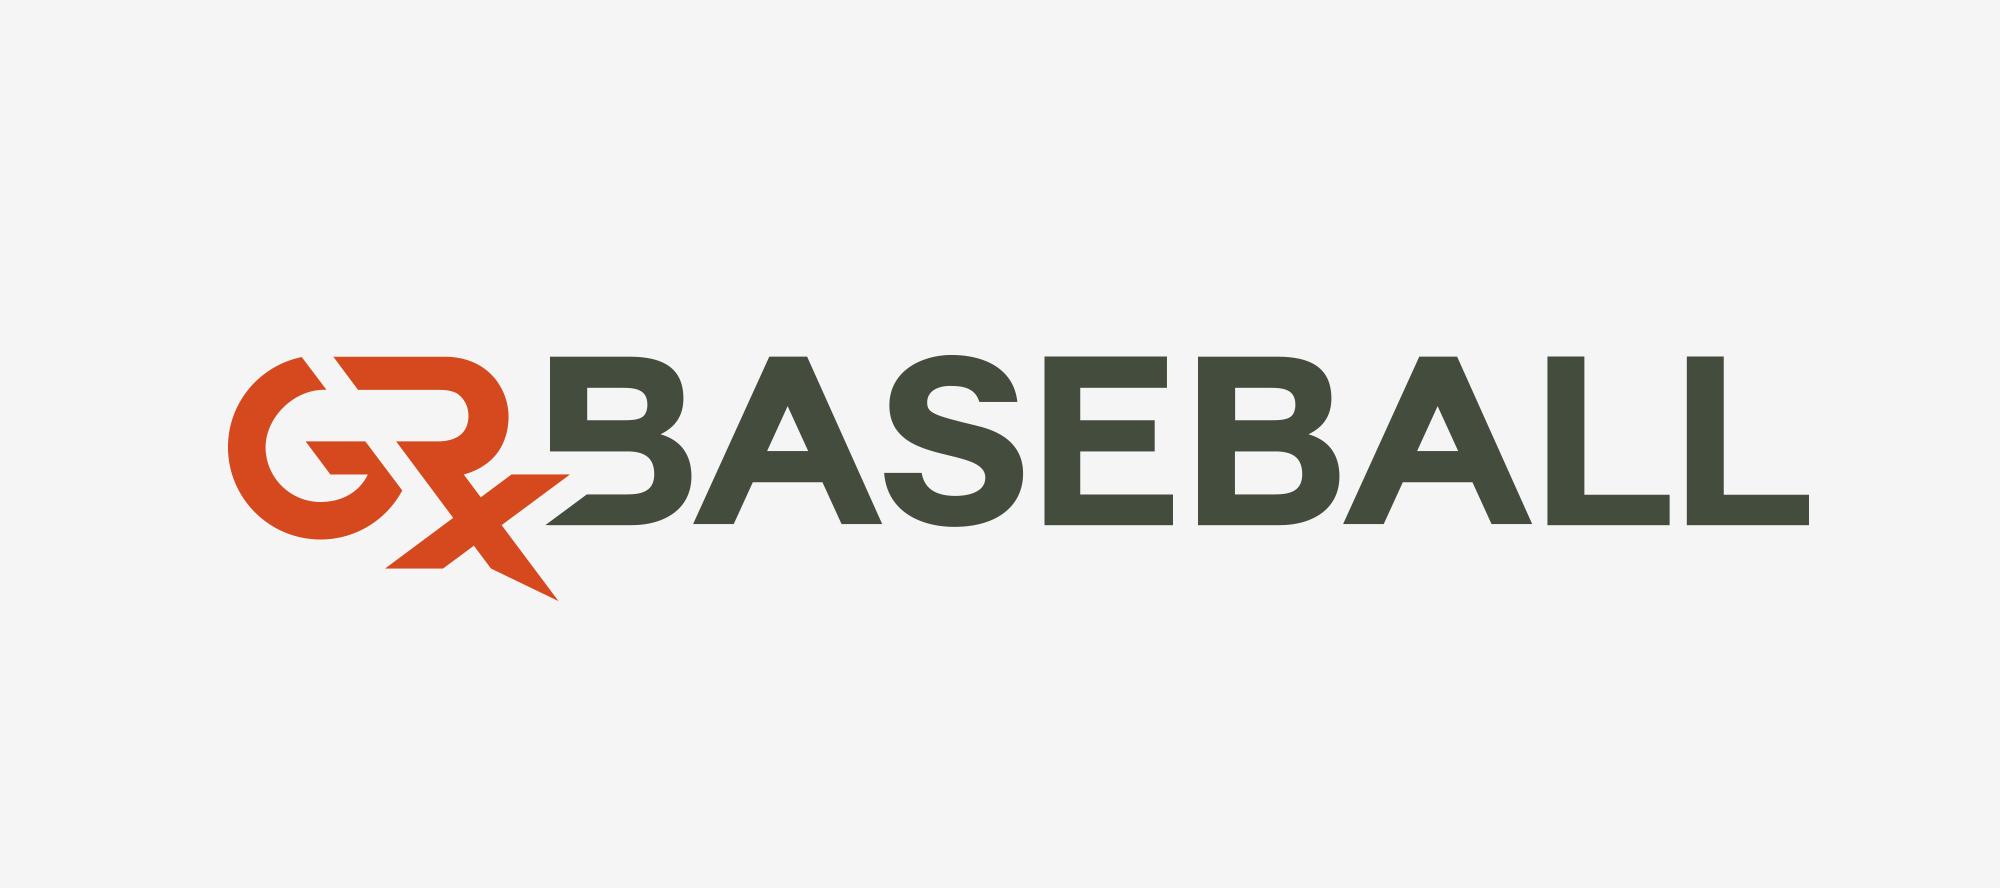 GRx Baseball Logo Design